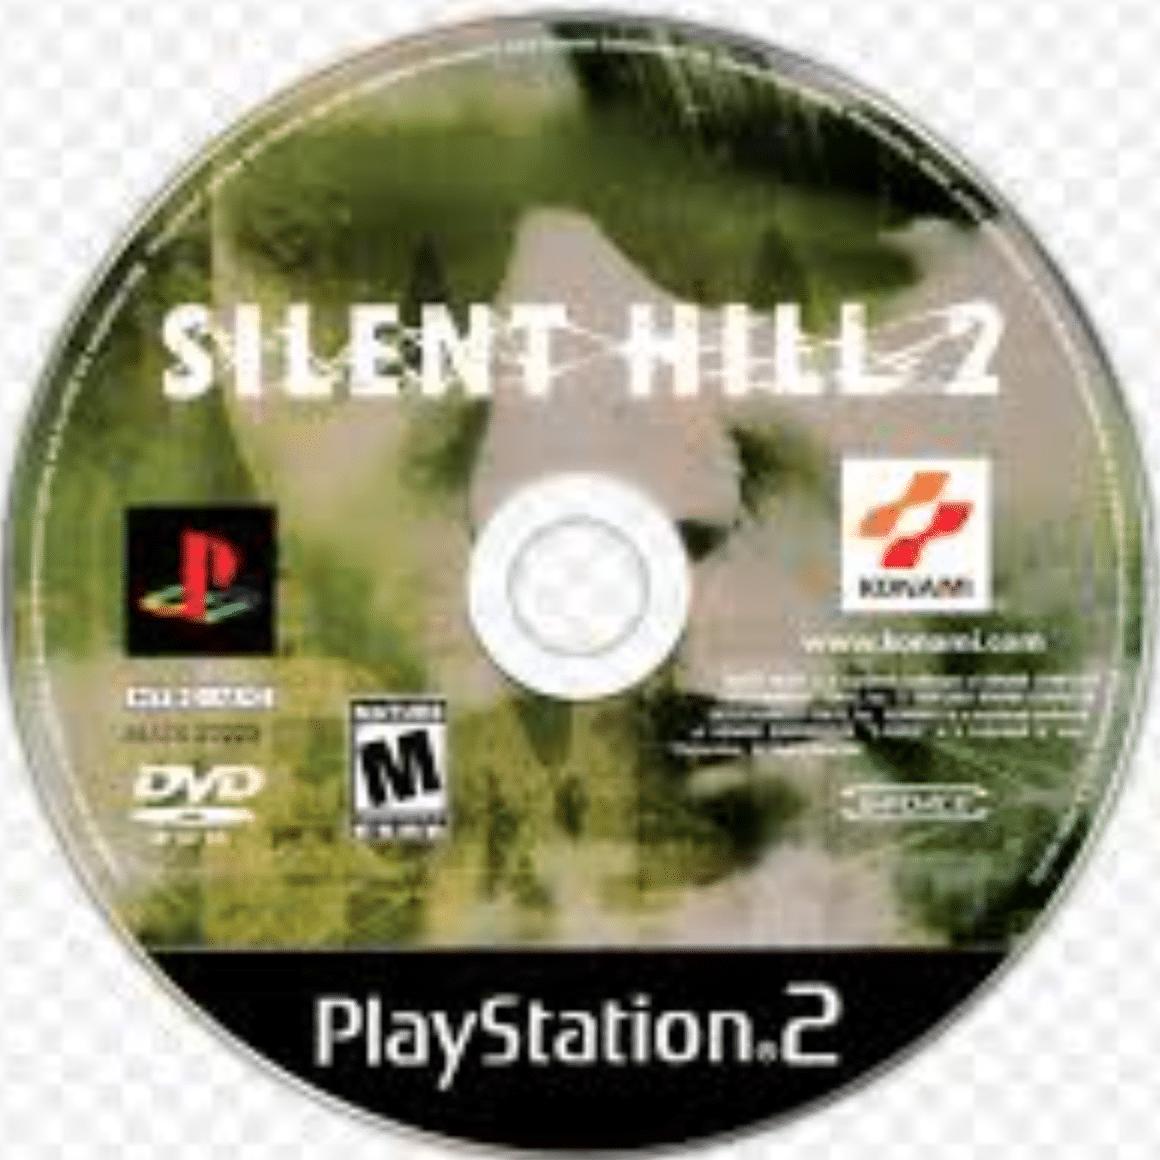 Silent Hill 2 Offline Installer Setup For Windows Download Free